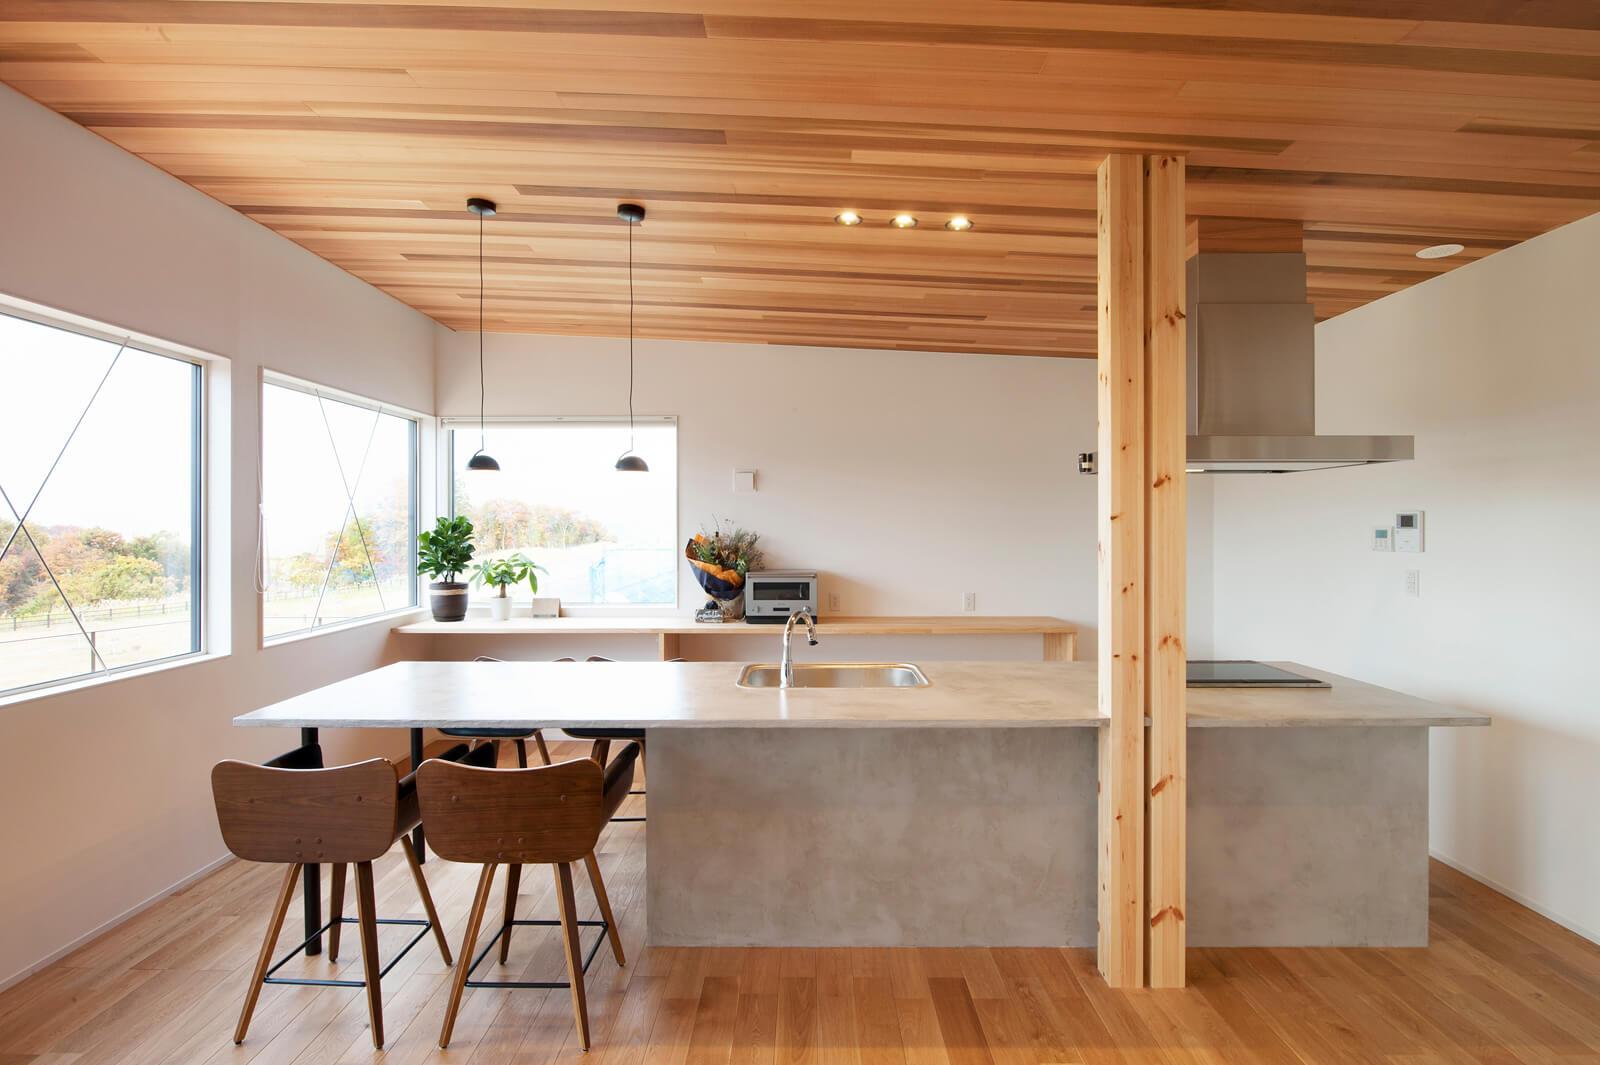 キッチンとダイニングを一体で造作したオリジナル仕様。構造材の柱は、2本に見せることでデザイン性を加味している